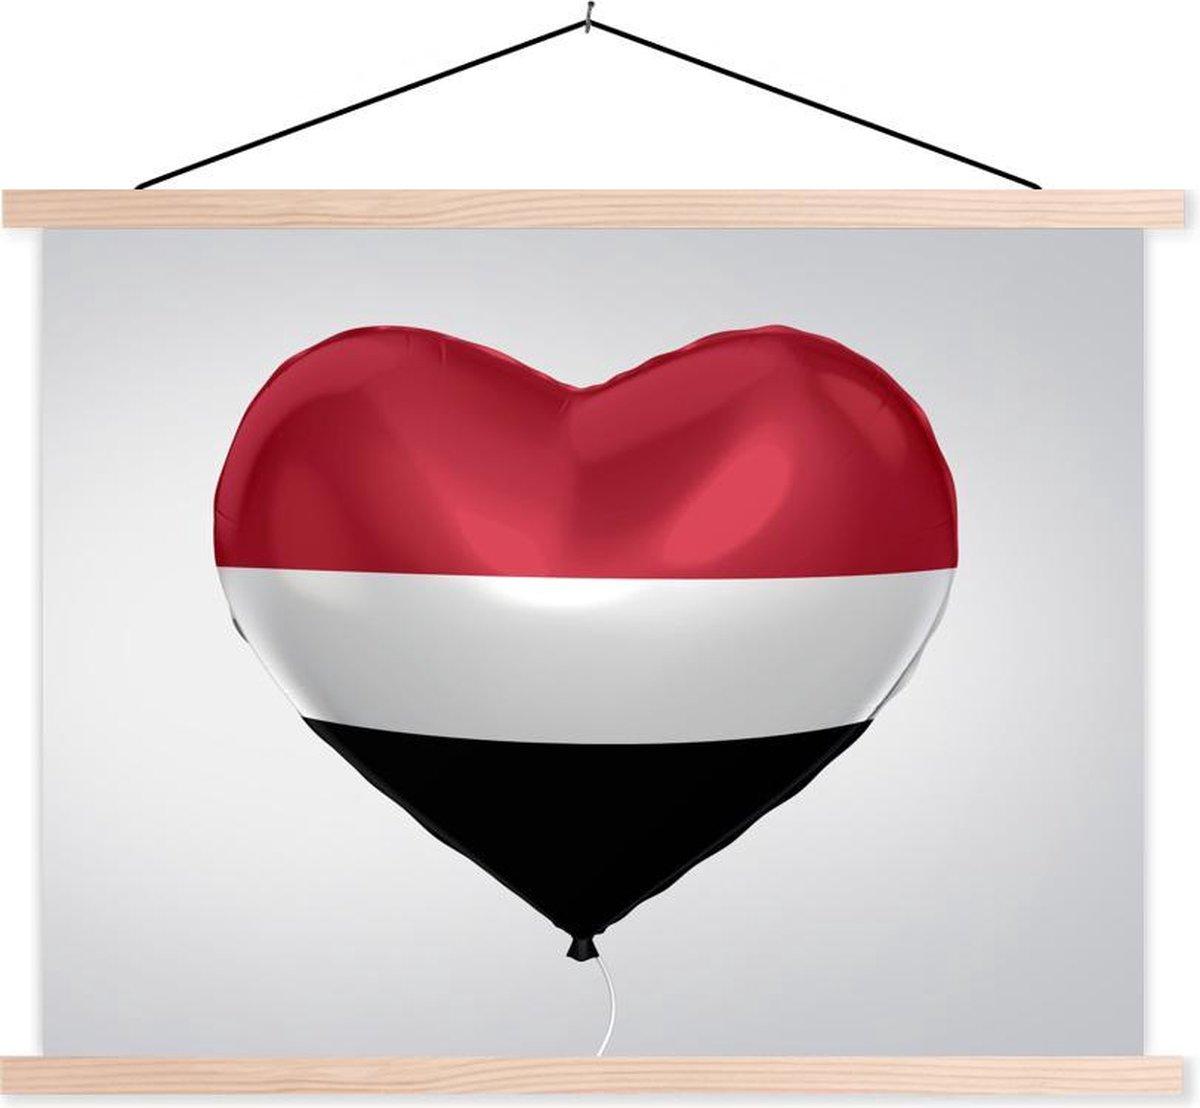 Vlag van Jemen in de vorm van een hart schoolplaat platte latten blank 150x113 cm - Foto print op textielposter (wanddecoratie woonkamer/slaapkamer) - Foto print op schoolplaat (wanddecoratie woonkamer/slaapkamer)